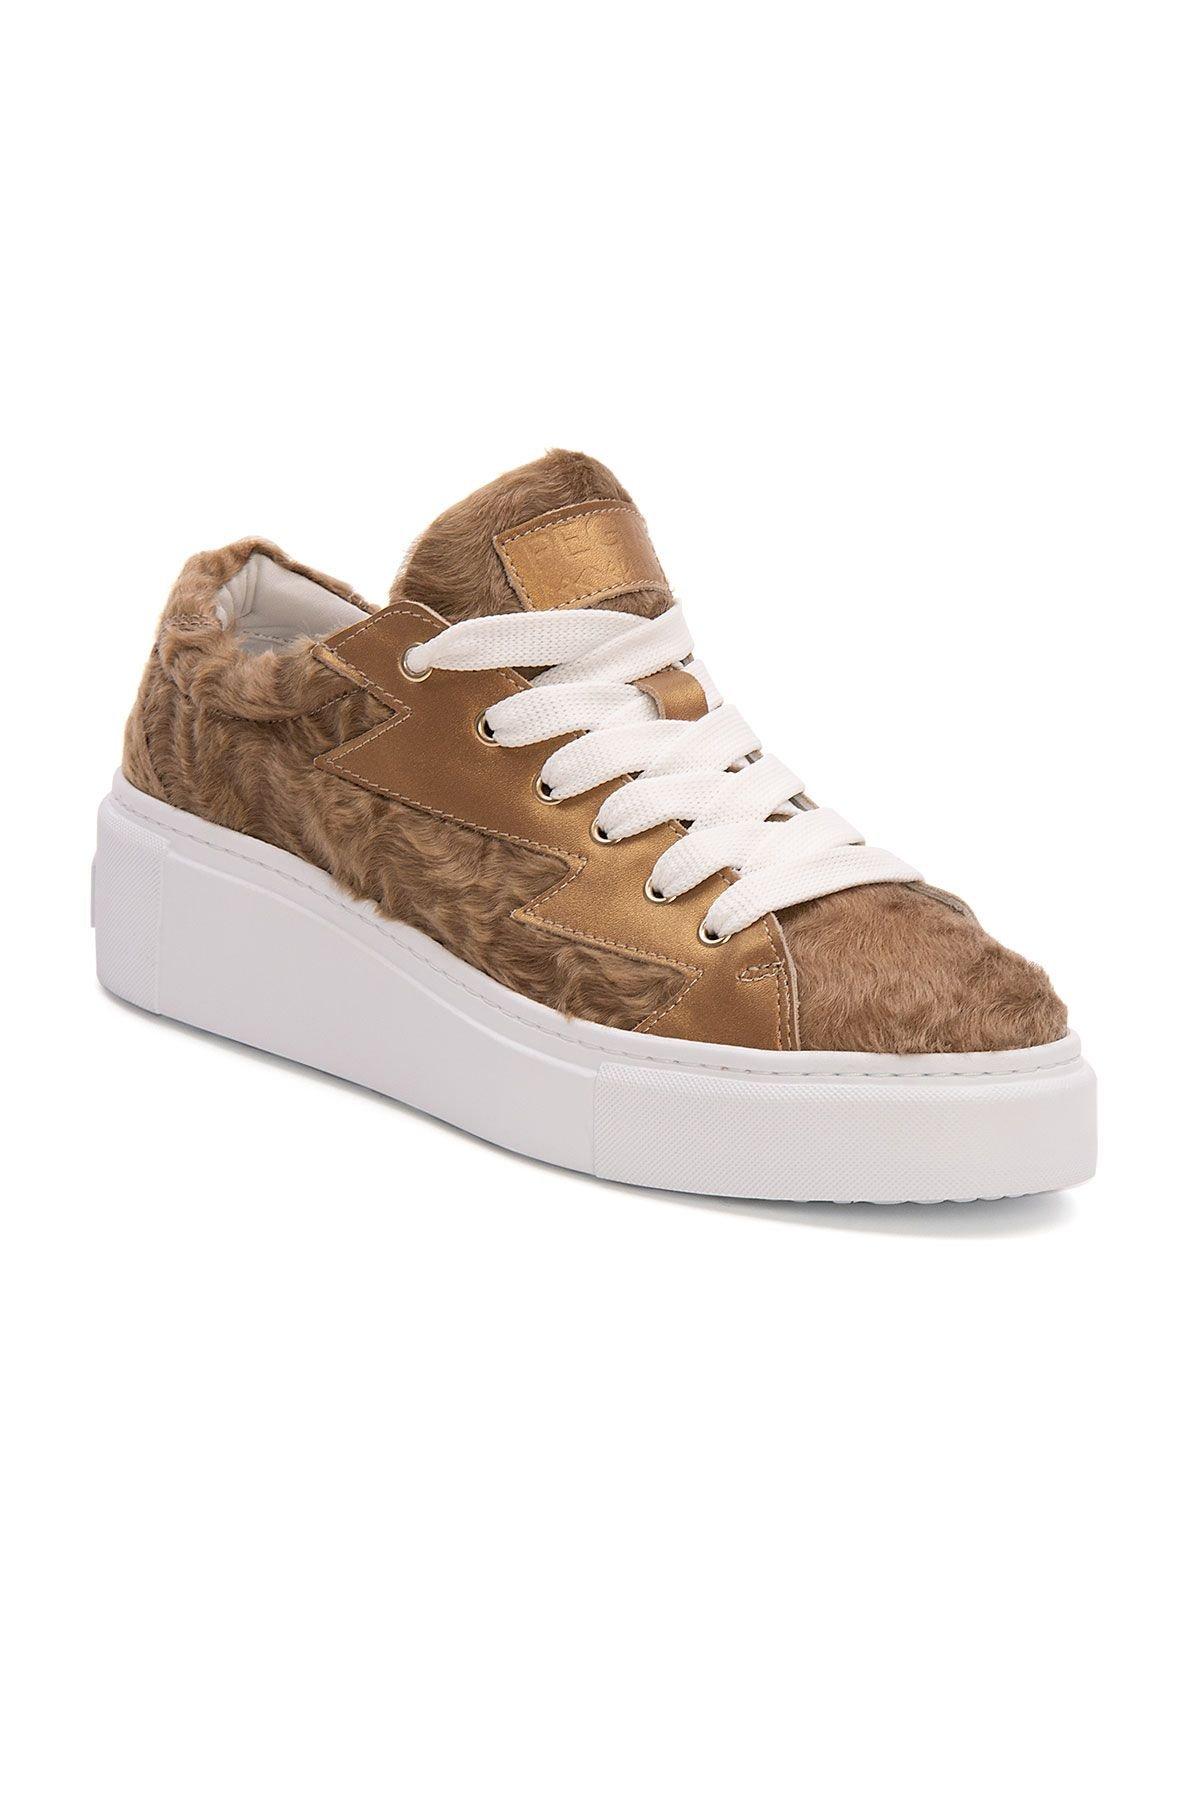 Pegia Genuine Leather Women's Sneaker LA1510 Ginger